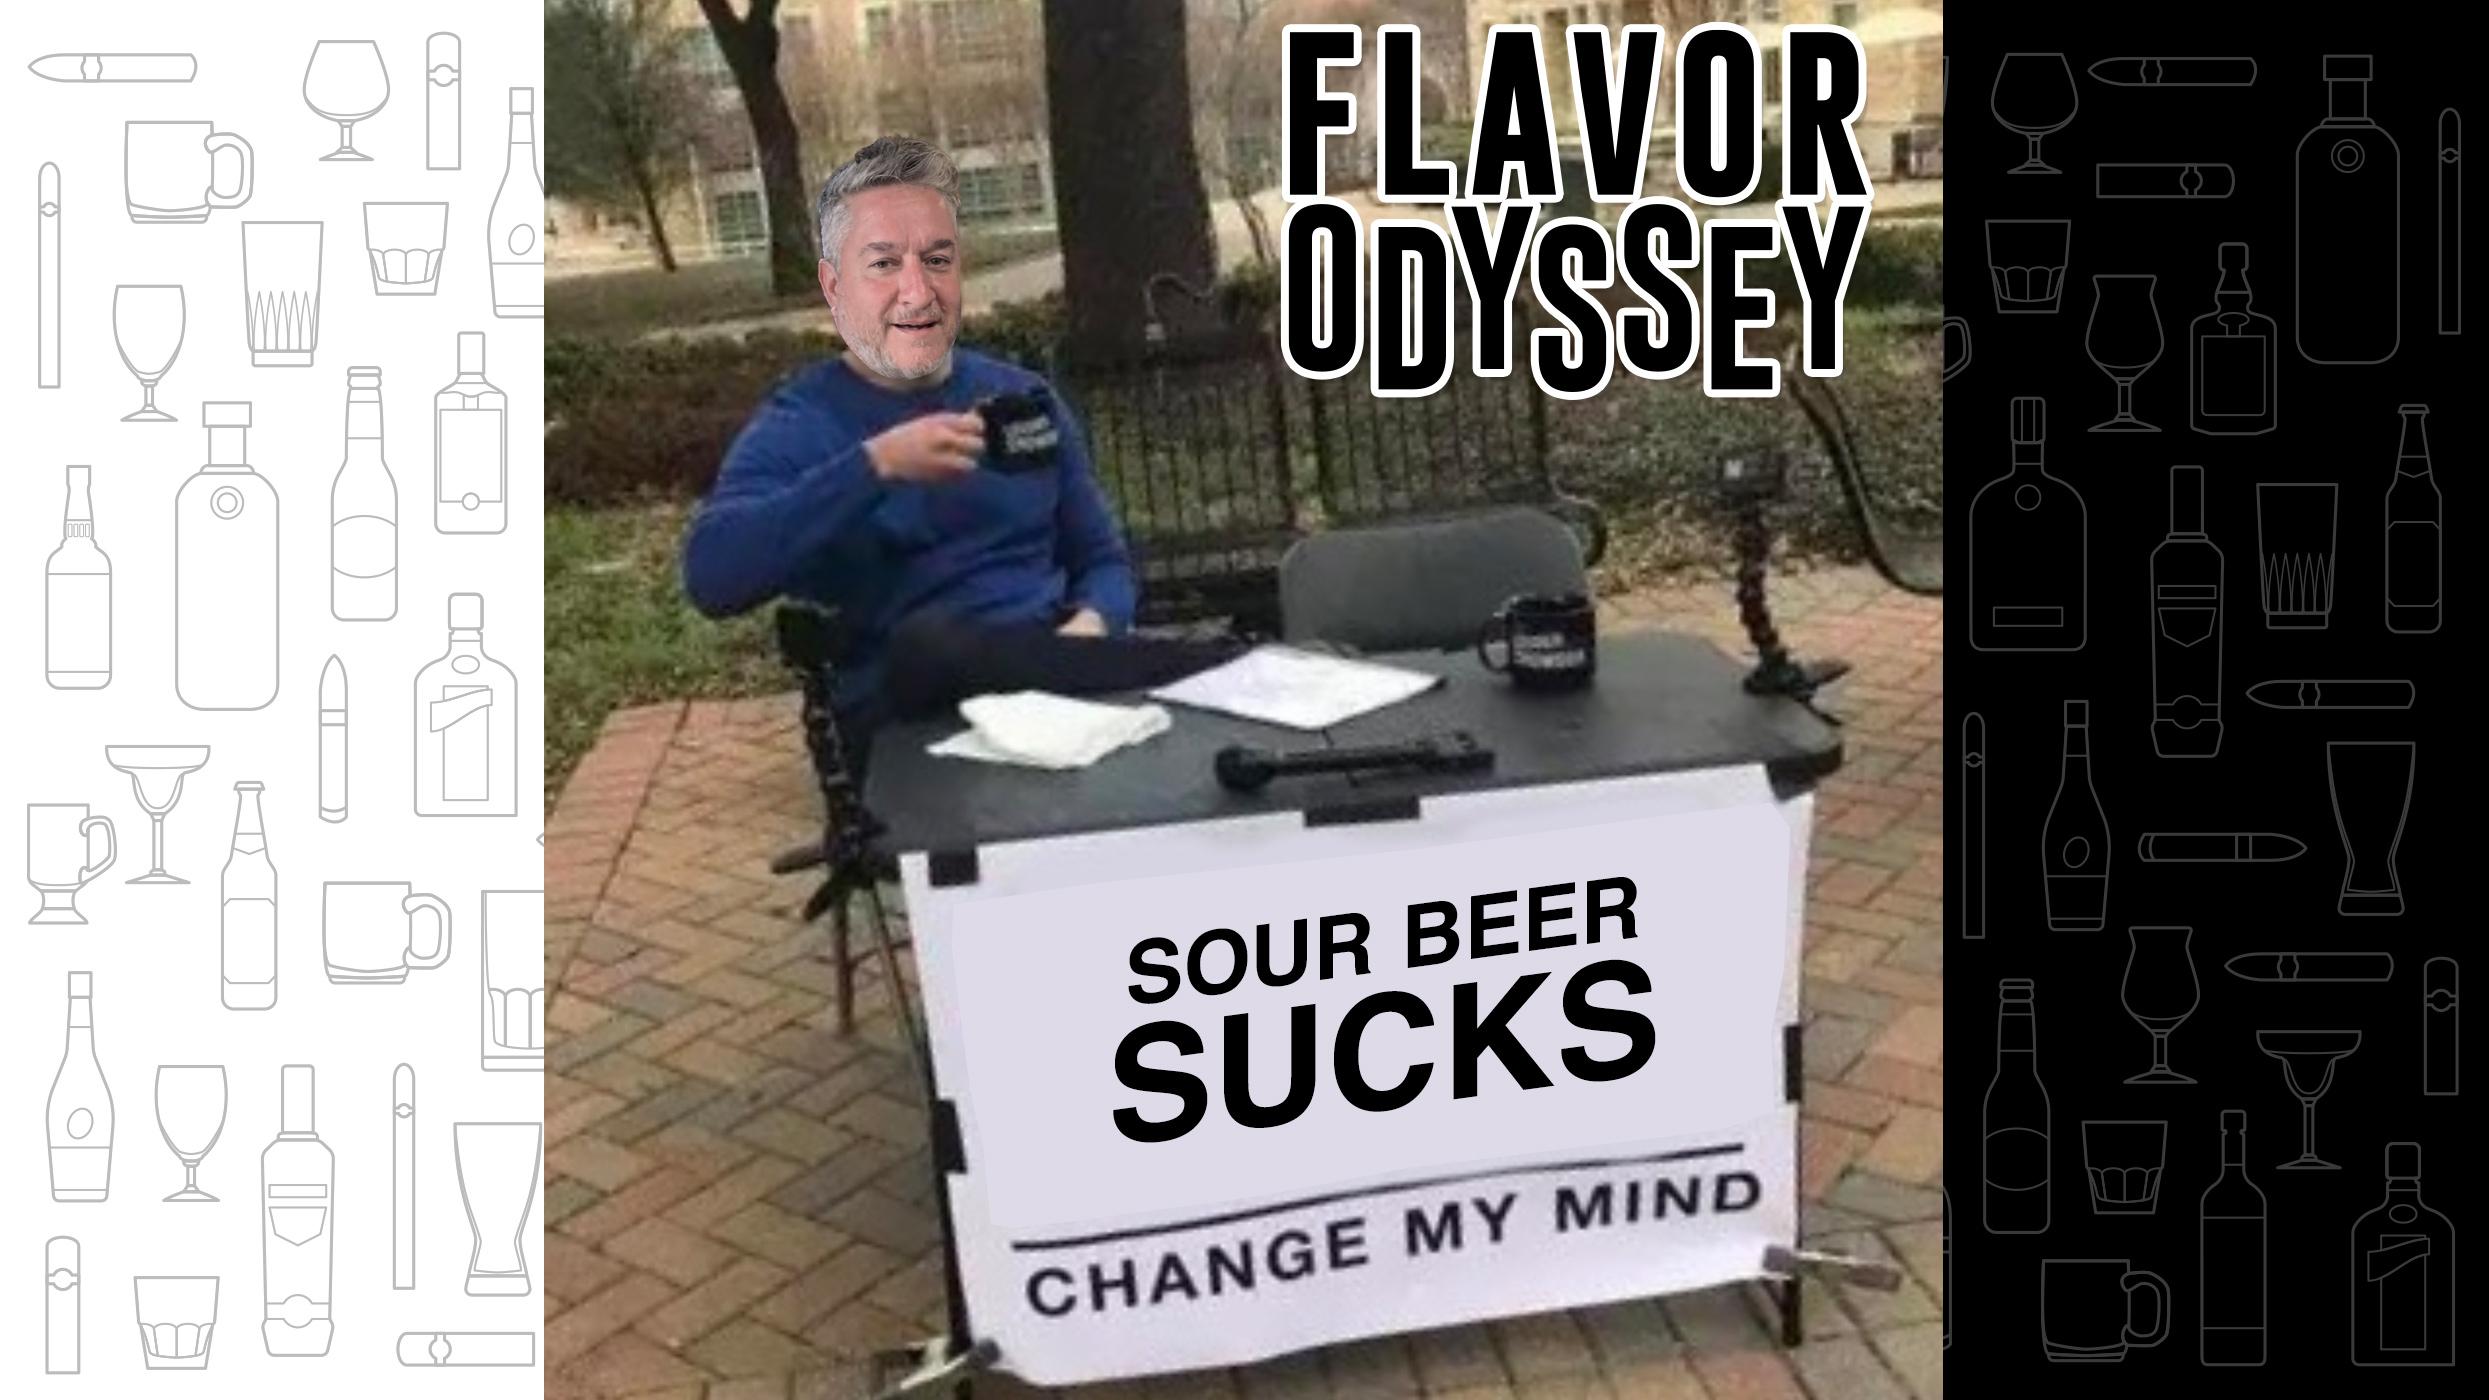 sour beer sucks